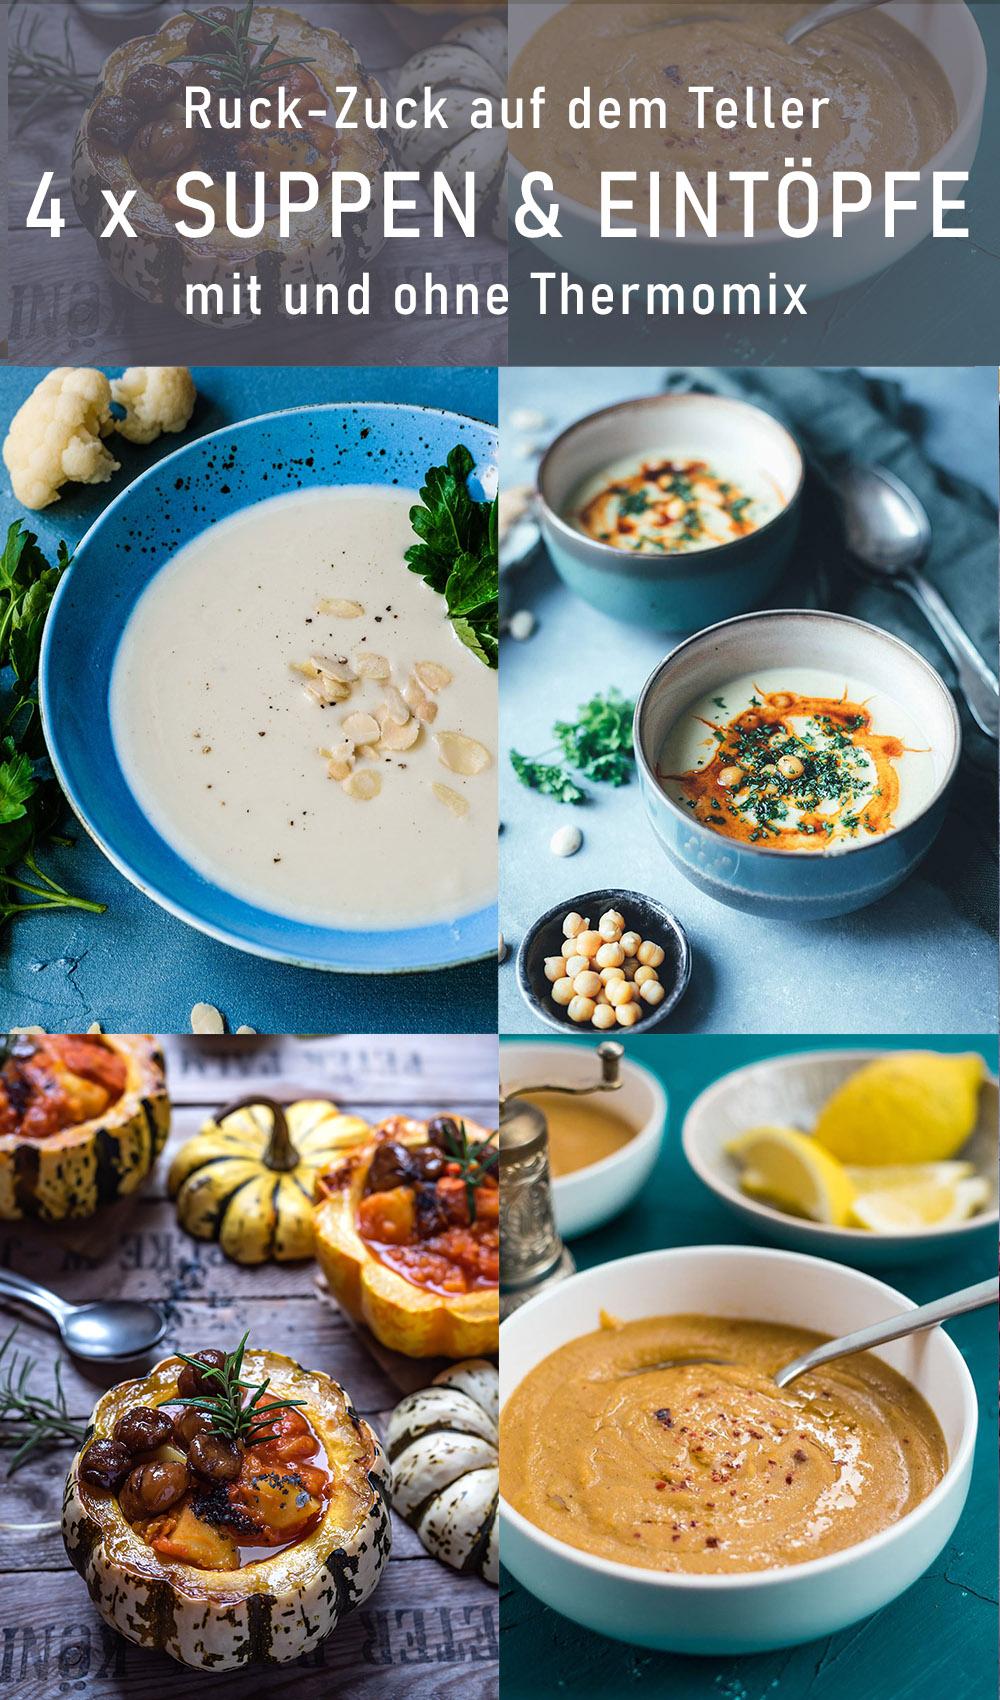 Suppen und Eintöpfe mit und ohne Thermomix